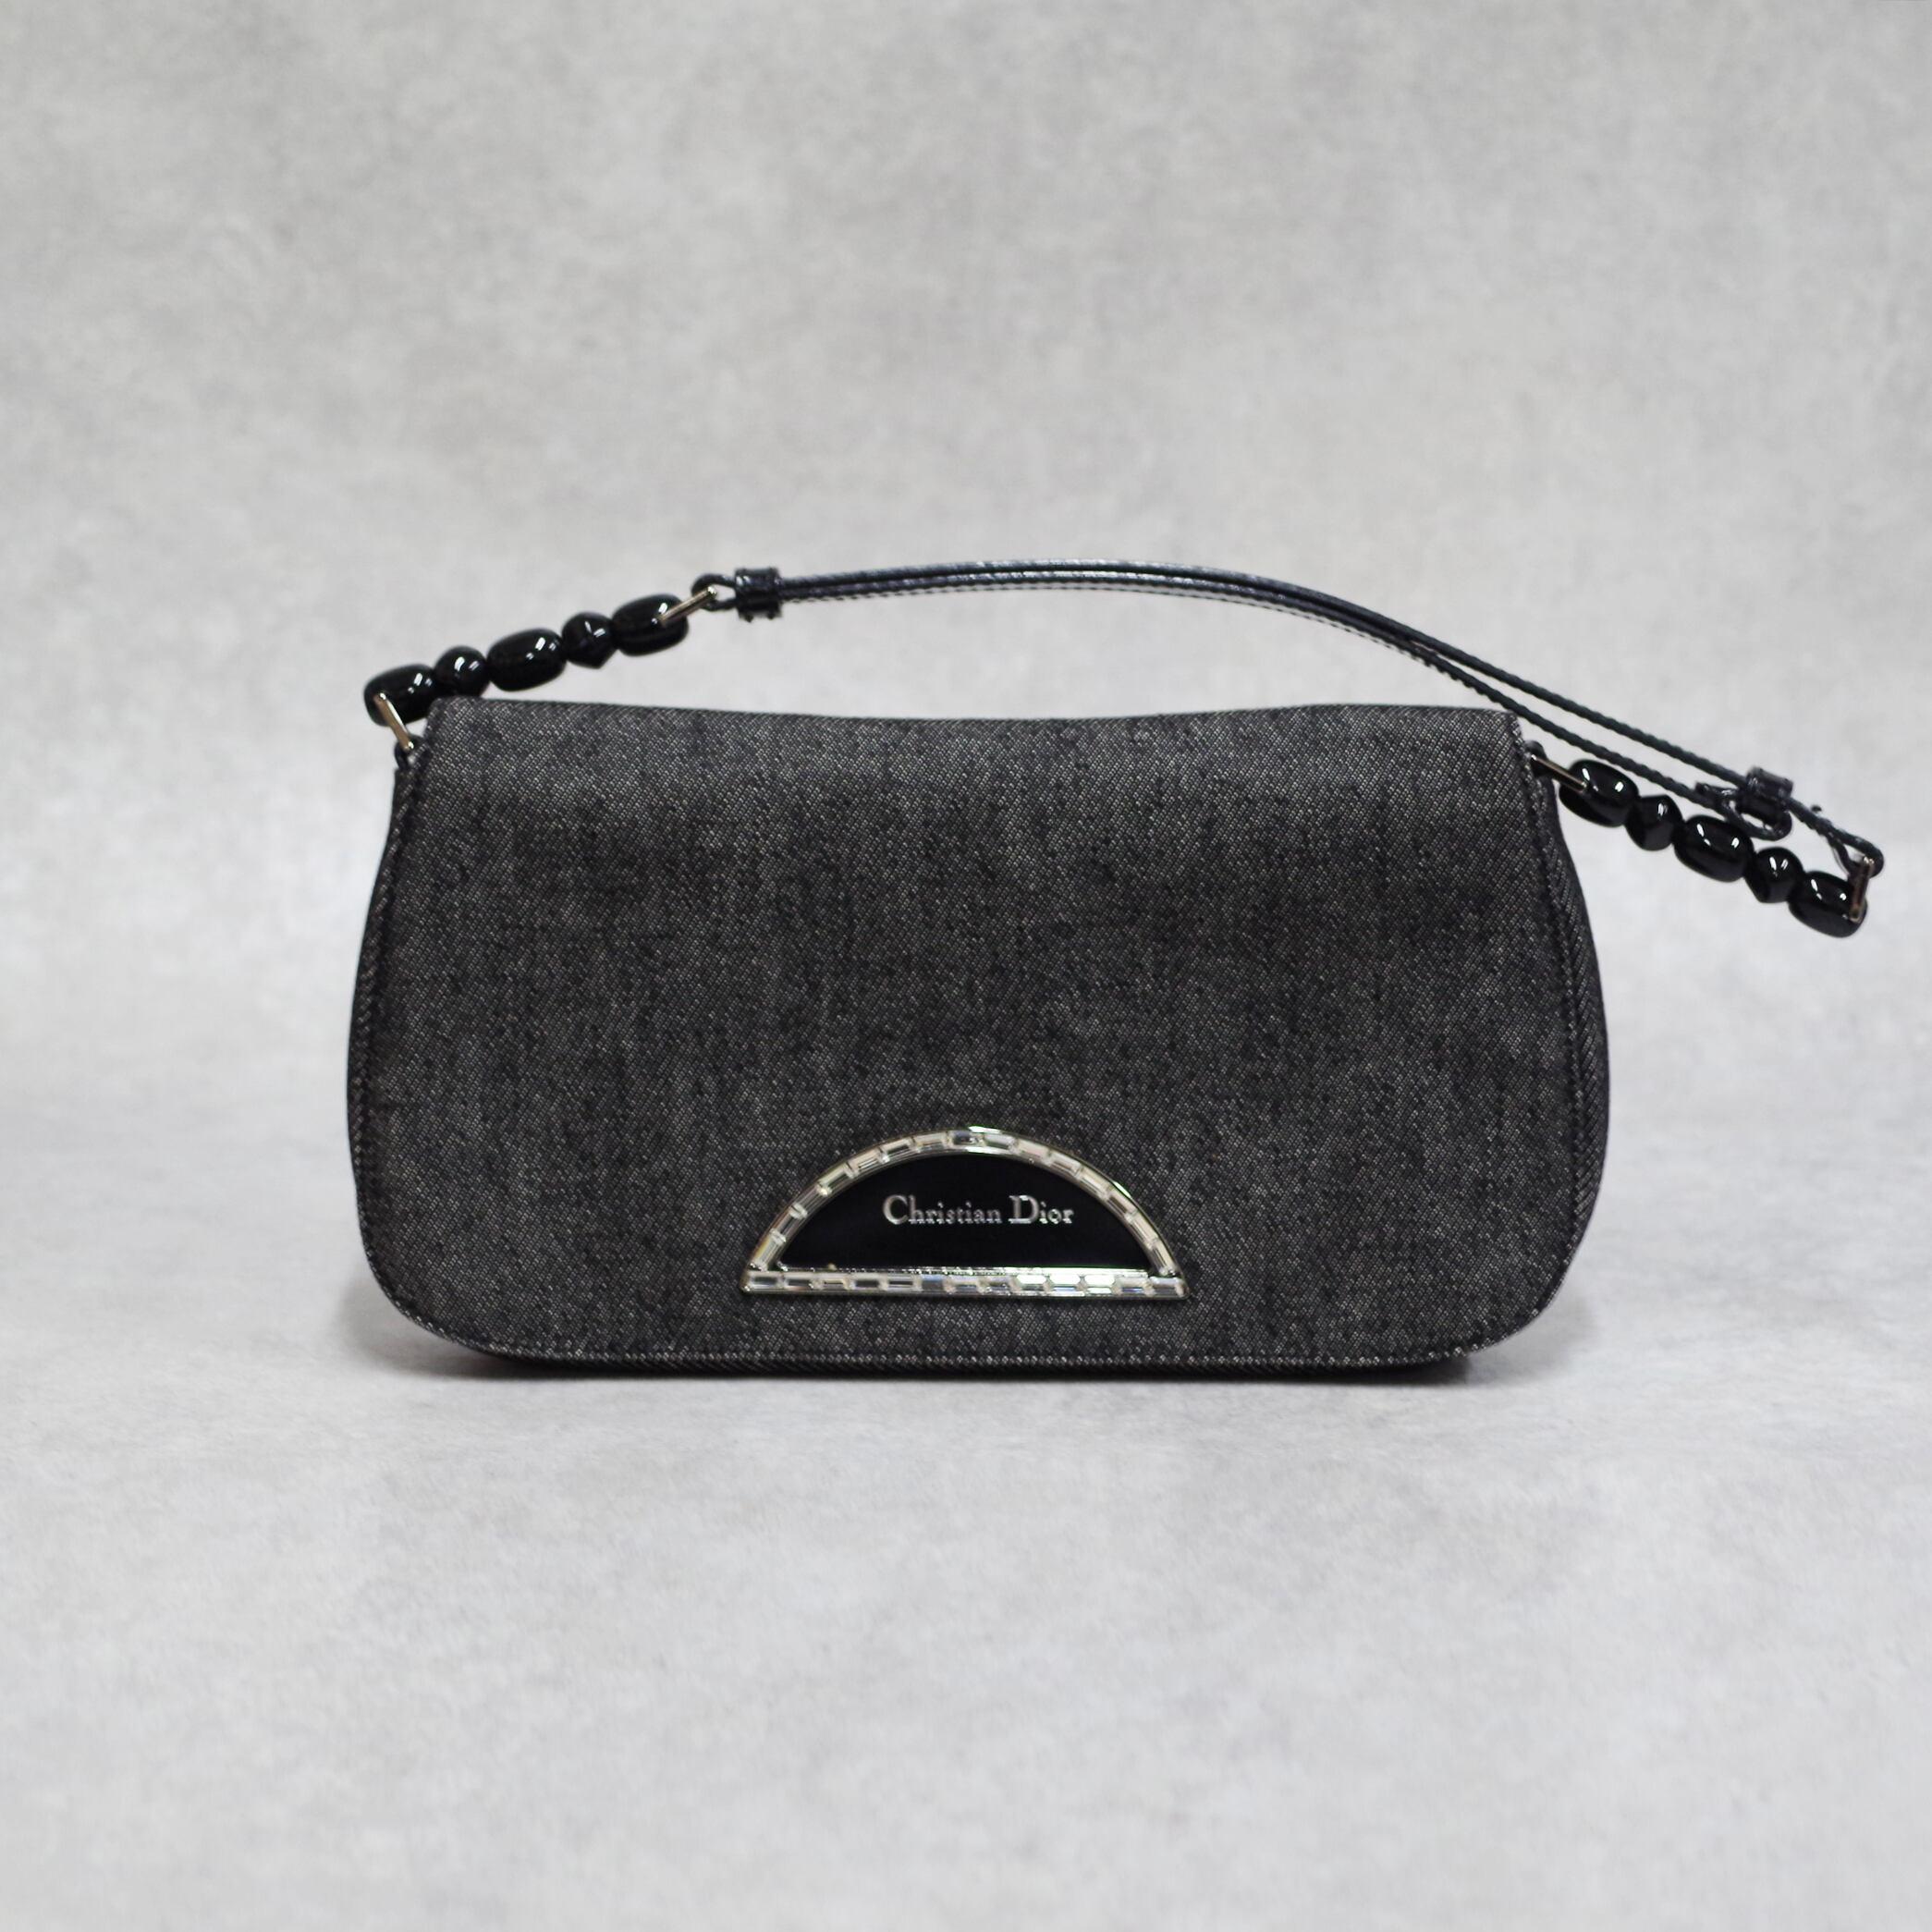 Christian Dior ディオール マリスパール ショルダーバッグ ブラック